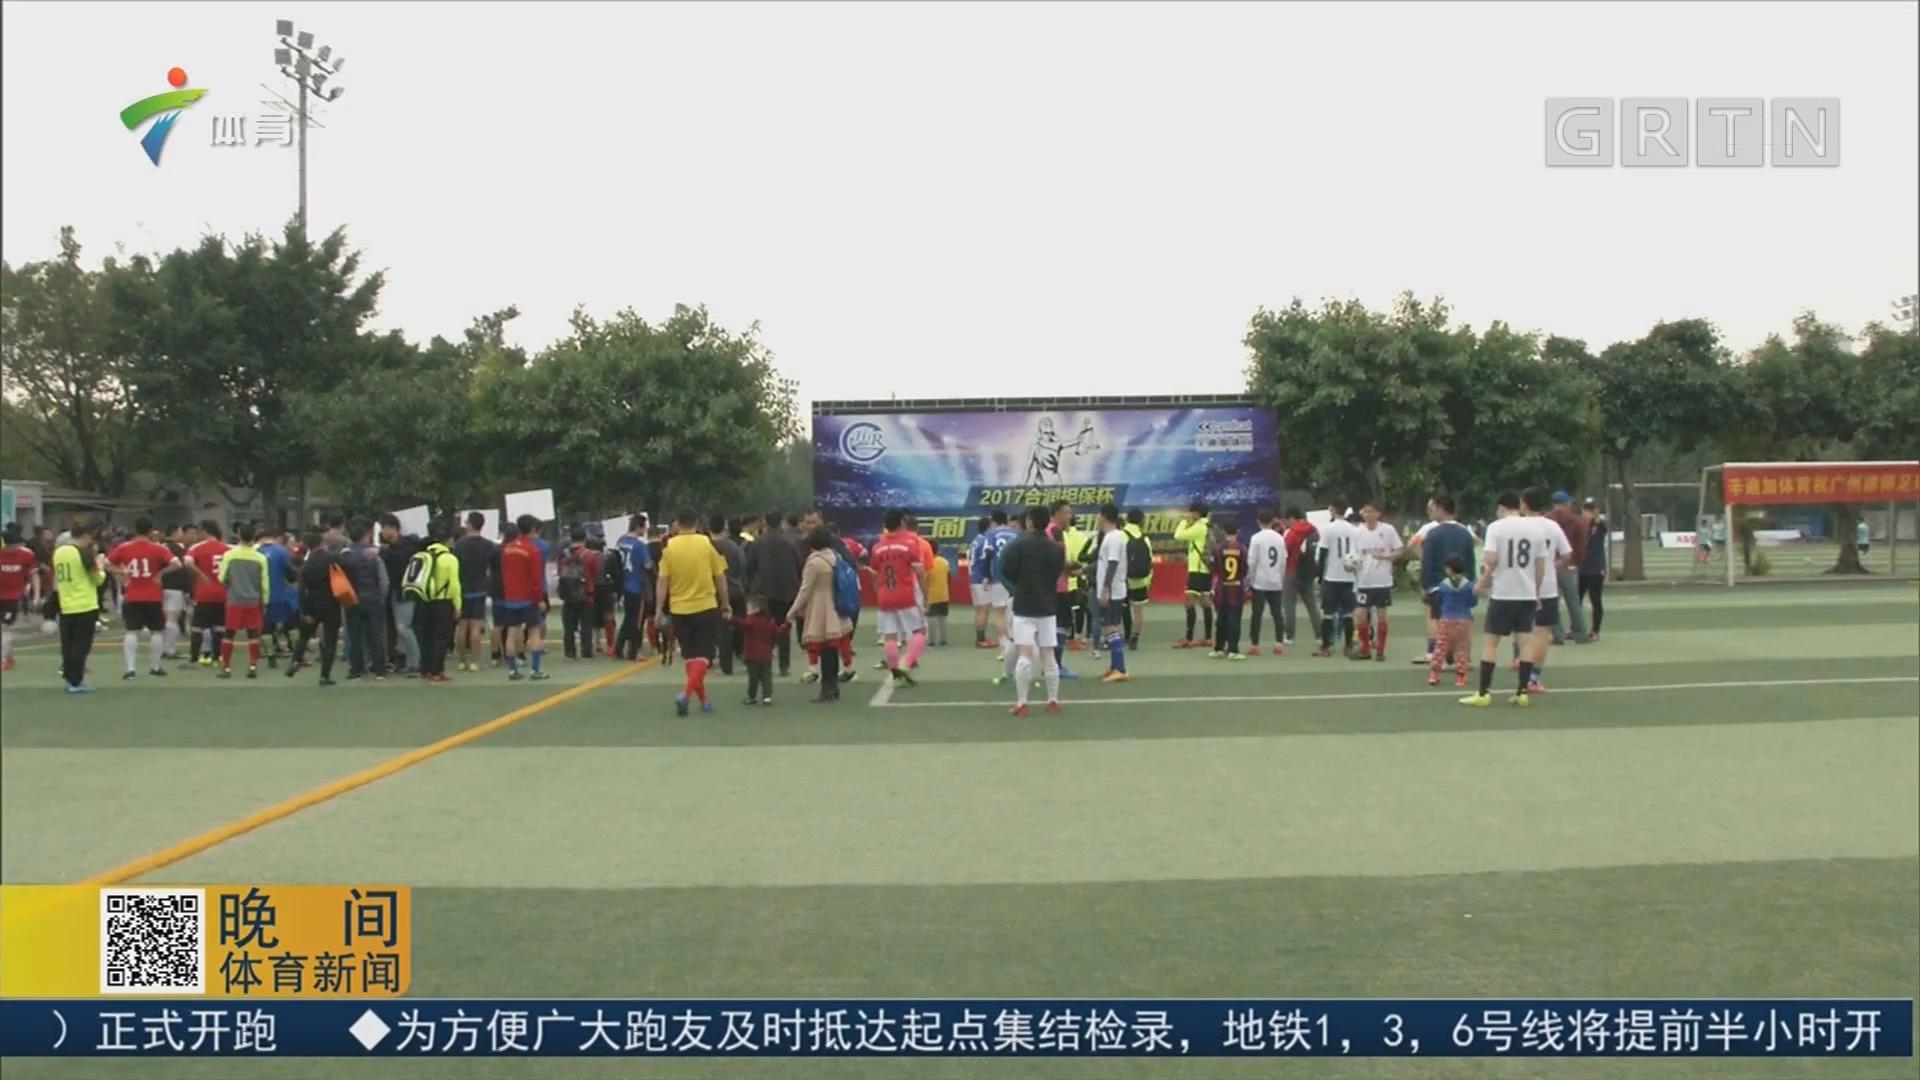 第三届广州律师足球超级联赛开幕